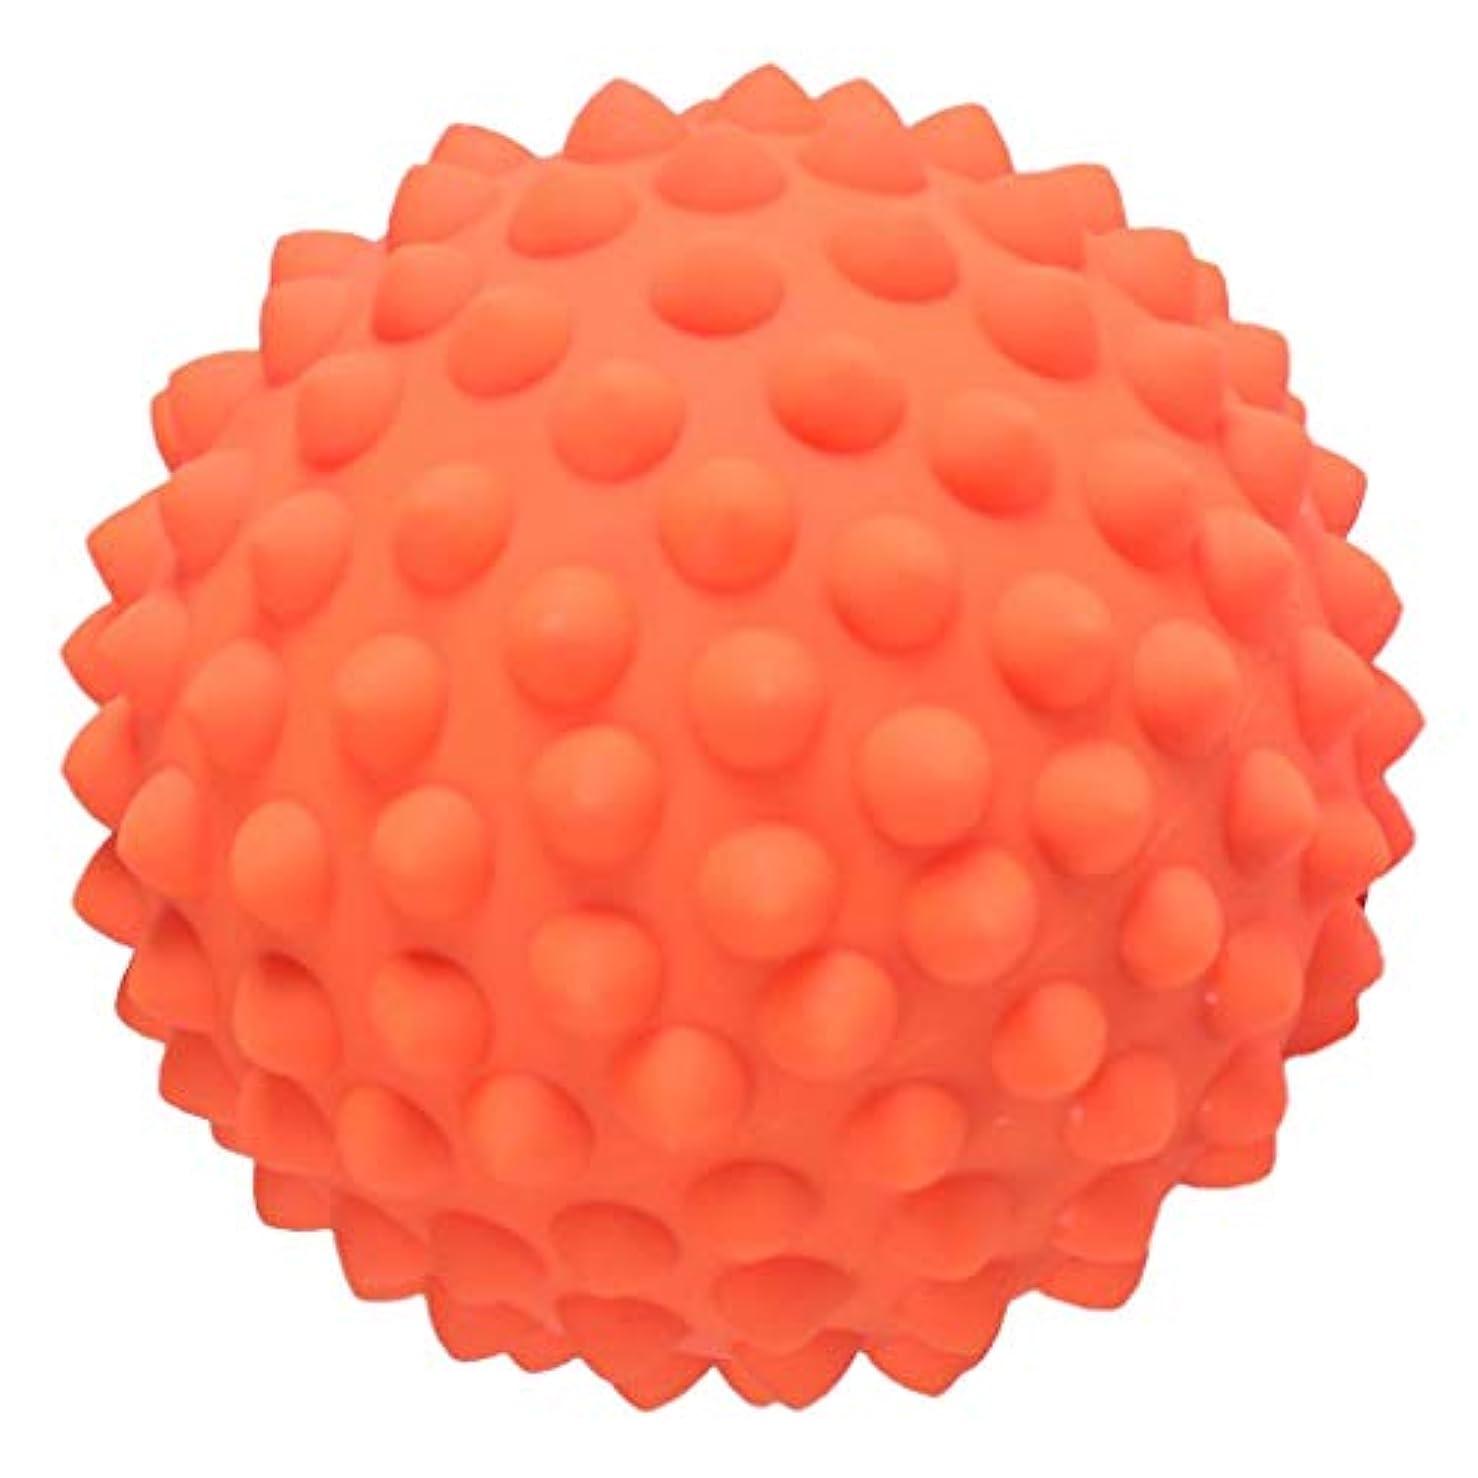 監査蛇行請うFLAMEER マッサージボール ポイントマッサージ ヨガ道具 3色選べ - オレンジ, 説明のとおり